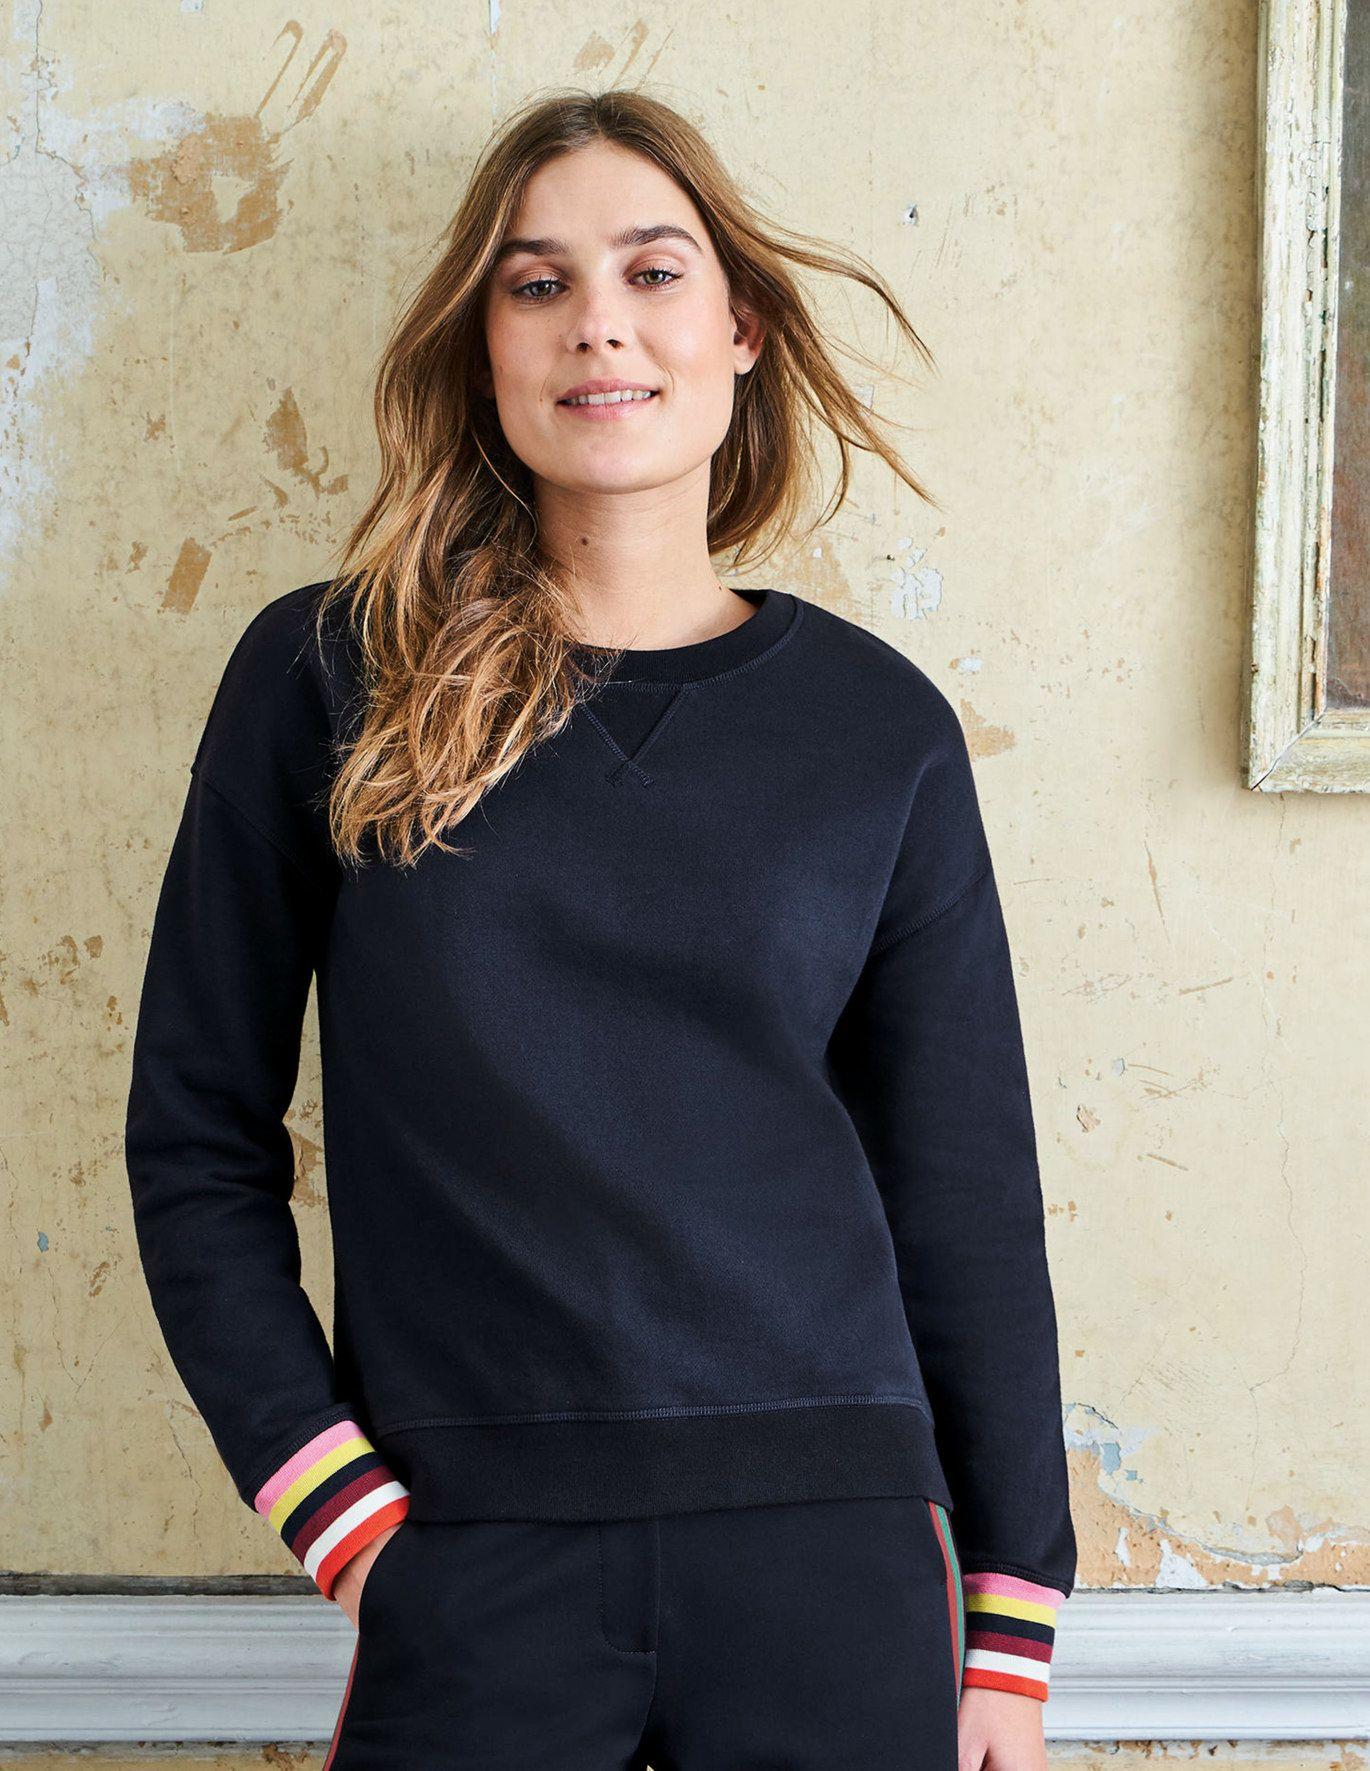 80efe2c722d Arabella Sweatshirt - Rainbow Stripe | 2019 Fashion in 2019 ...